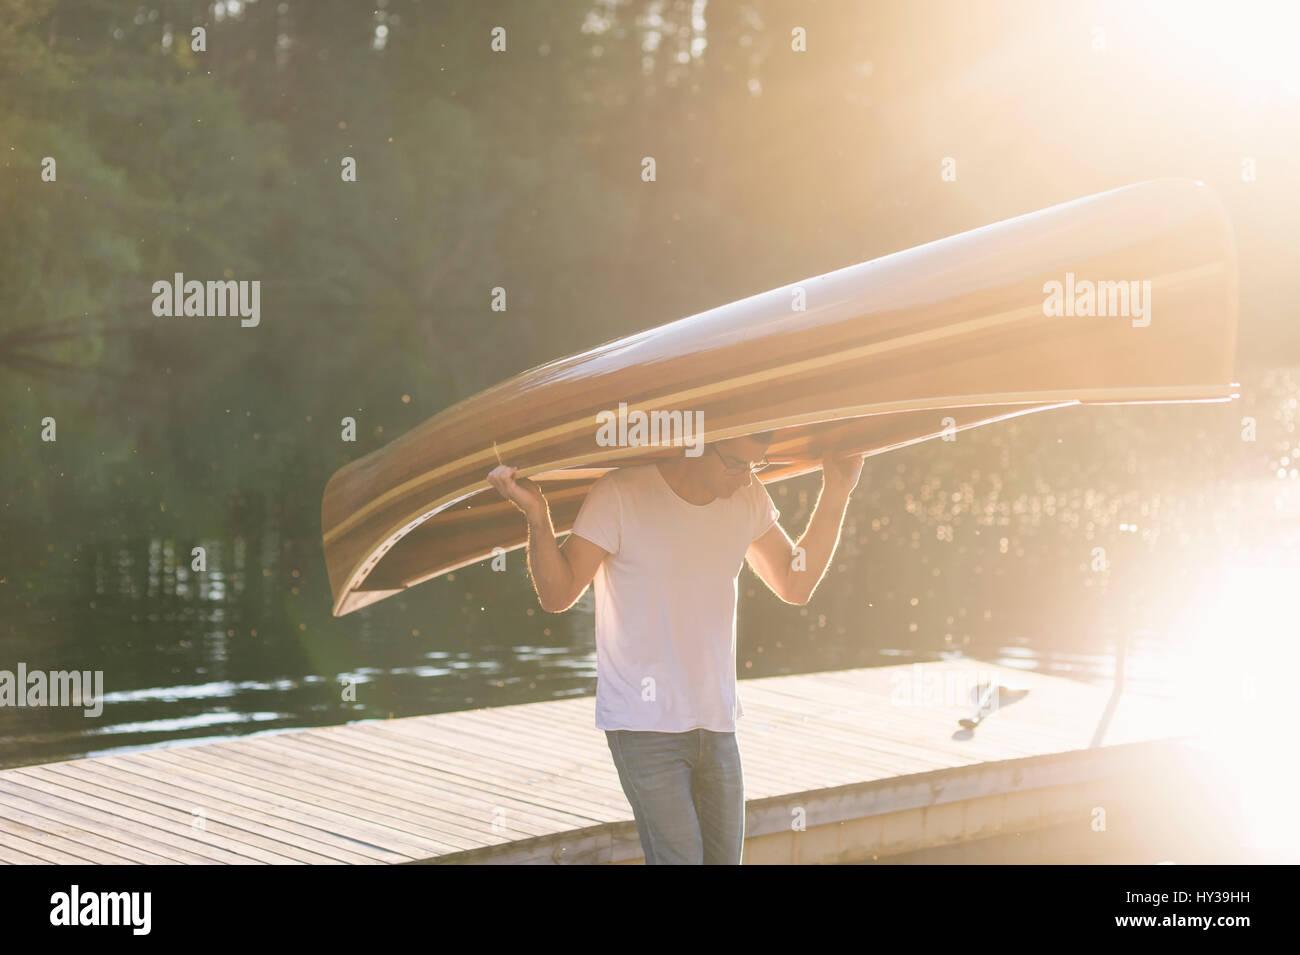 La Svezia, vastmanland, hallefors, bergslagen, uomo di legno portante canotto sulla testa Immagini Stock